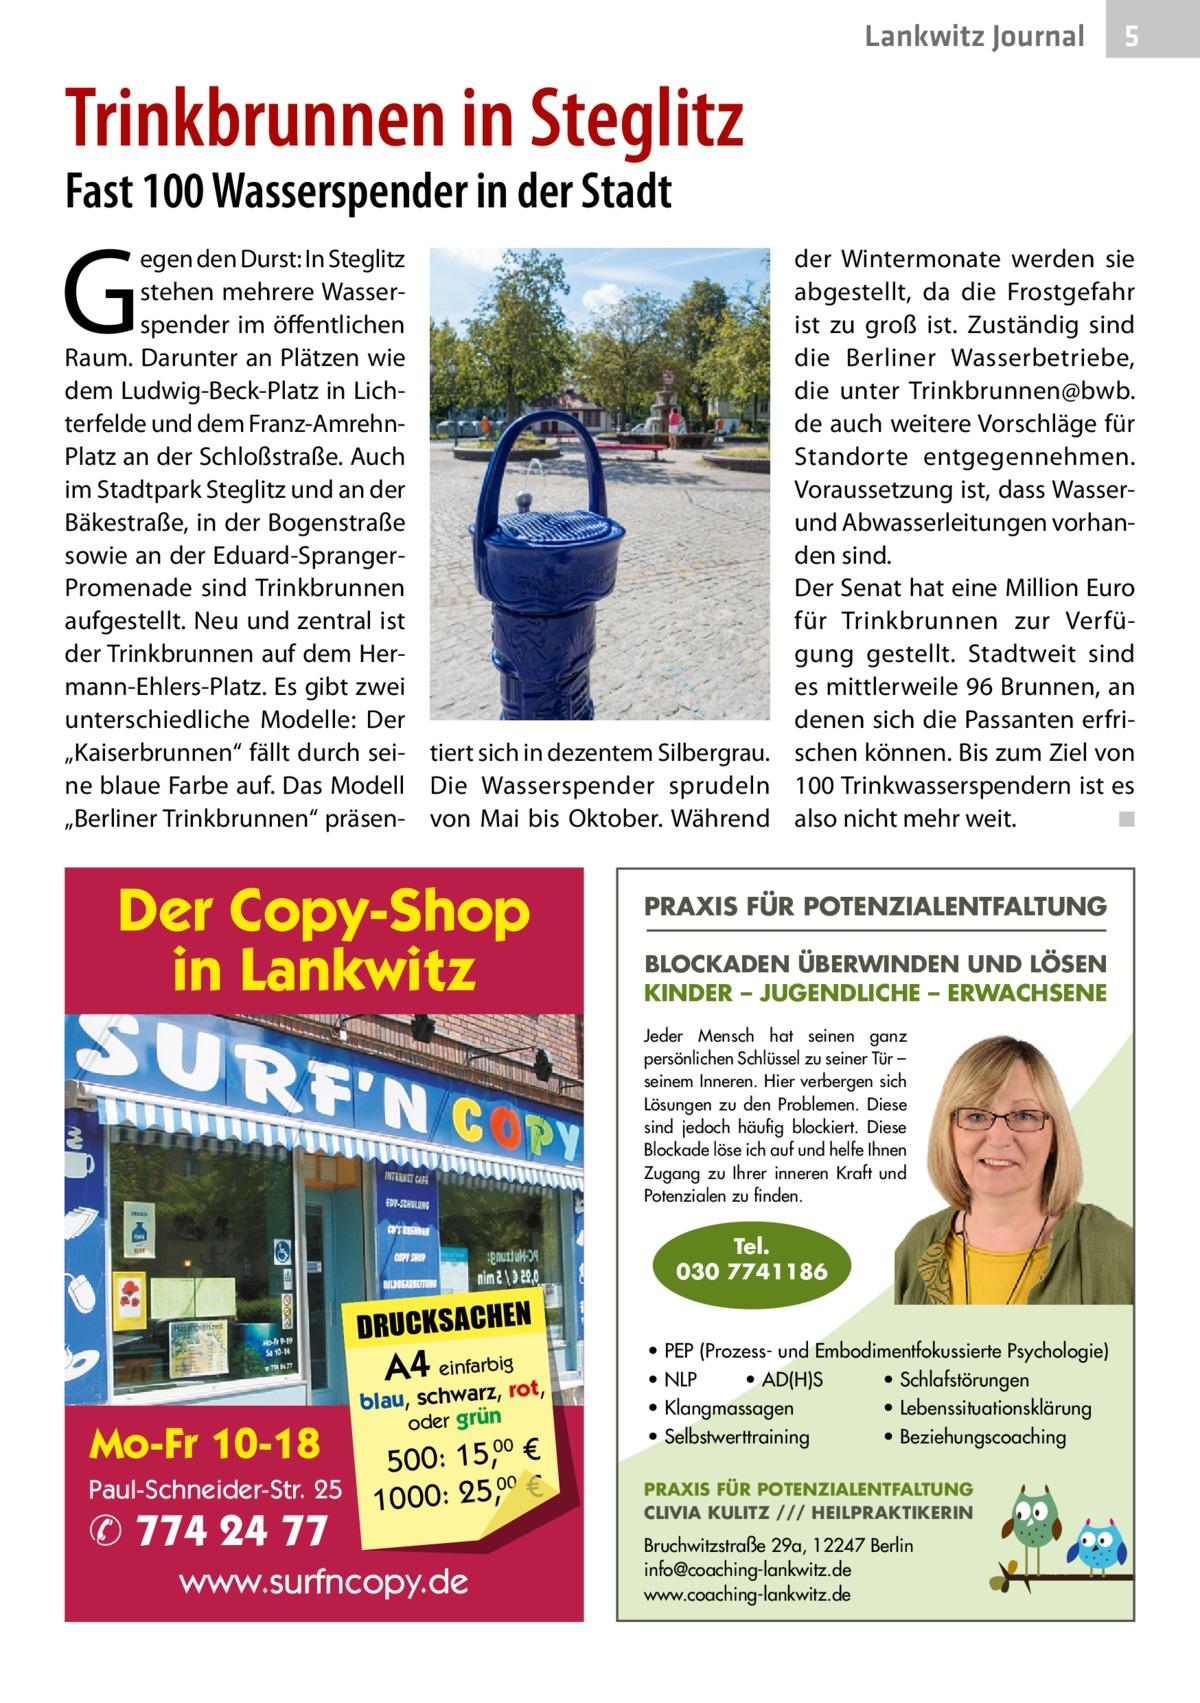 """Lankwitz Journal  5  Trinkbrunnen in Steglitz Fast 100 Wasserspender in der Stadt  G  egen den Durst: In Steglitz stehen mehrere Wasserspender im öffentlichen Raum. Darunter an Plätzen wie dem Ludwig-Beck-Platz in Lichterfelde und dem Franz-AmrehnPlatz an der Schloßstraße. Auch im Stadtpark Steglitz und an der Bäkestraße, in der Bogenstraße sowie an der Eduard-SprangerPromenade sind Trinkbrunnen aufgestellt. Neu und zentral ist der Trinkbrunnen auf dem Hermann-Ehlers-Platz. Es gibt zwei unterschiedliche Modelle: Der """"Kaiserbrunnen"""" fällt durch sei- tiert sich in dezentem Silbergrau. ne blaue Farbe auf. Das Modell Die Wasserspender sprudeln """"Berliner Trinkbrunnen"""" präsen- von Mai bis Oktober. Während  Der Copy-Shop in Lankwitz  der Wintermonate werden sie abgestellt, da die Frostgefahr ist zu groß ist. Zuständig sind die Berliner Wasserbetriebe, die unter Trinkbrunnen@bwb. de auch weitere Vorschläge für Standorte entgegennehmen. Voraussetzung ist, dass Wasserund Abwasserleitungen vorhanden sind. Der Senat hat eine Million Euro für Trinkbrunnen zur Verfügung gestellt. Stadtweit sind es mittlerweile 96Brunnen, an denen sich die Passanten erfrischen können. Bis zum Ziel von 100Trinkwasserspendern ist es also nicht mehr weit. � ◾  PRAXIS FÜR POTENZIALENTFALTUNG BLOCKADEN ÜBERWINDEN UND LÖSEN KINDER – JUGENDLICHE – ERWACHSENE Jeder Mensch hat seinen ganz persönlichen Schlüssel zu seiner Tür – seinem Inneren. Hier verbergen sich Lösungen zu den Problemen. Diese sind jedoch häufig blockiert. Diese Blockade löse ich auf und helfe Ihnen Zugang zu Ihrer inneren Kraft und Potenzialen zu finden.  Tel. 030 7741186  DRUCKSACHEN  A4 einfarz,bigrot,  Mo-Fr 10-18  blau, schwar oder grün  00 500: 15, € Paul-Schneider-Str. 25 1000: 25,00 €  ✆ 774 24 77  www.surfncopy.de  • PEP (Prozess- und Embodimentfokussierte Psychologie) • NLP • AD(H)S • Schlafstörungen • Klangmassagen • Lebenssituationsklärung • Selbstwerttraining • Beziehungscoaching PRAXIS FÜR POTENZIALENTFALTUNG CLIVIA KULITZ /"""